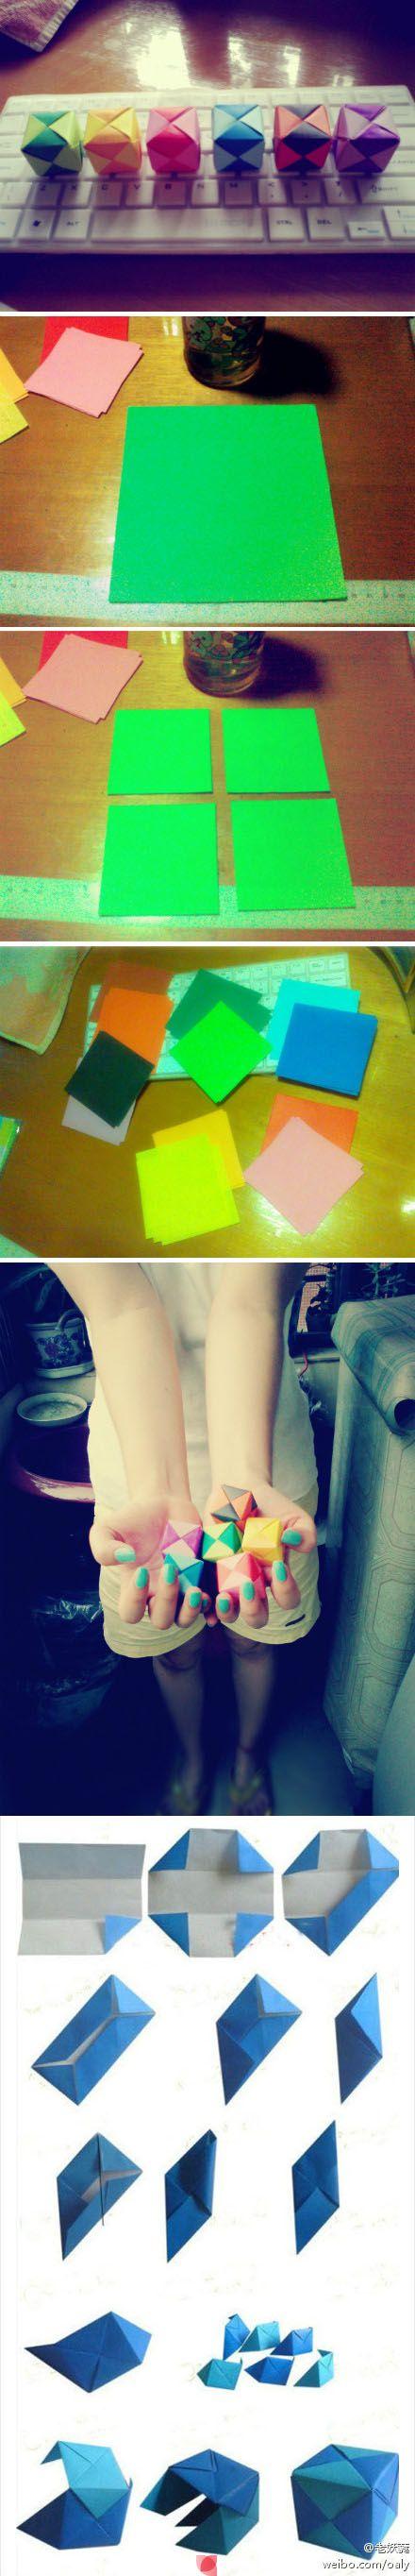 Color cube / Cubo de colores